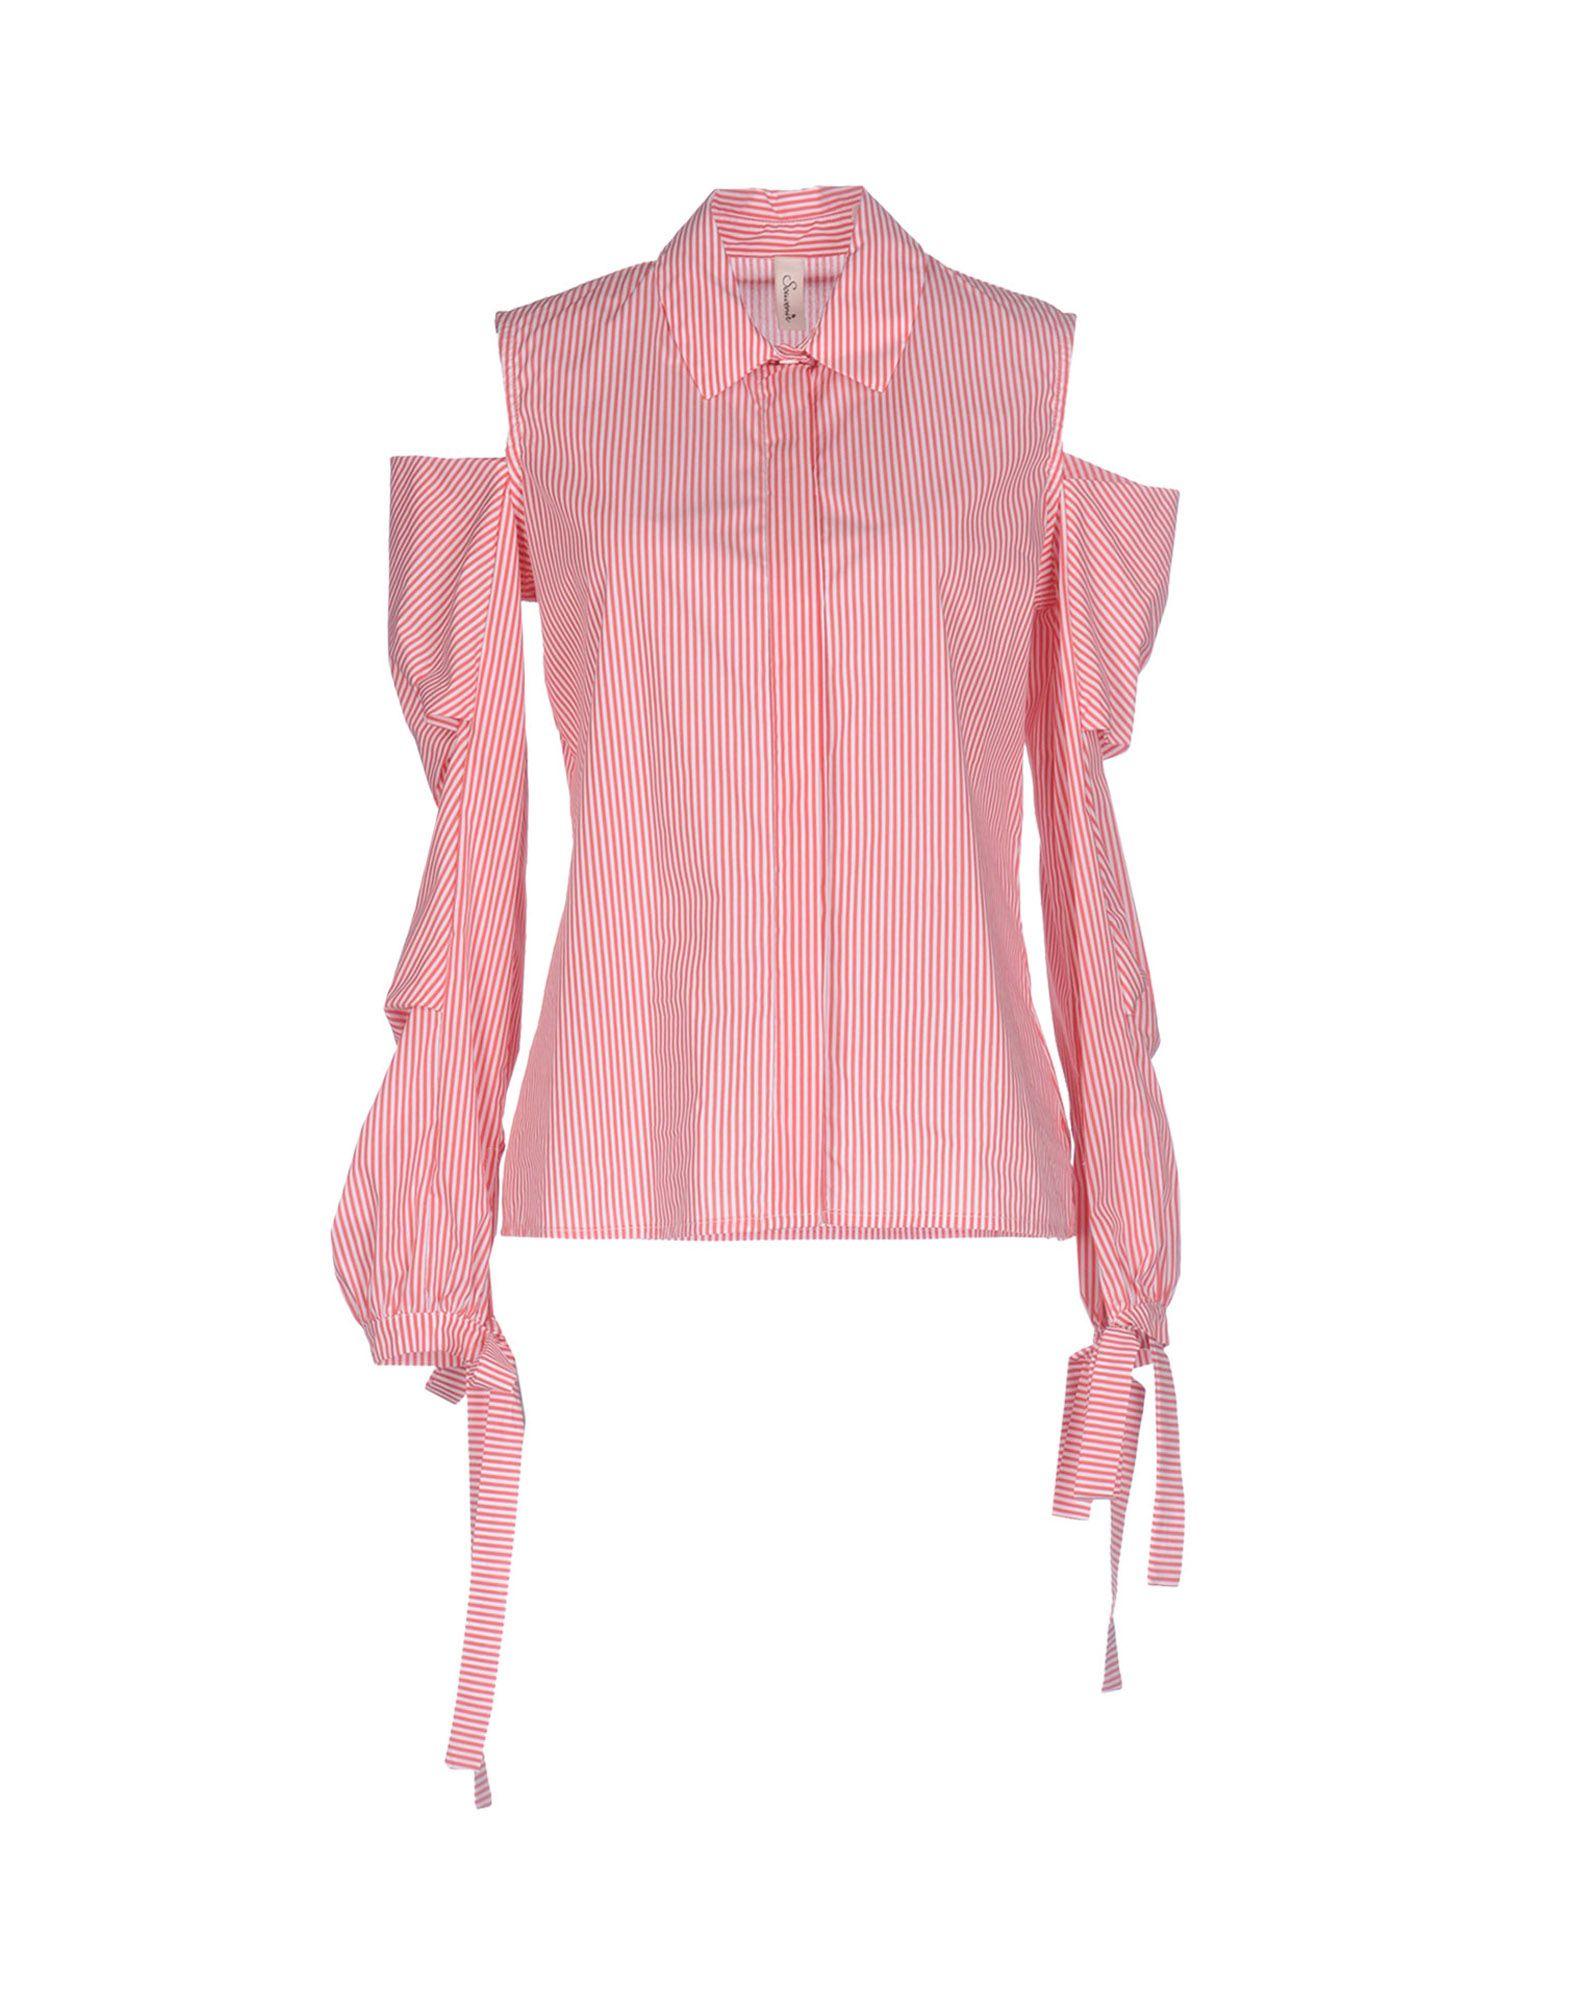 《送料無料》SOUVENIR レディース シャツ レッド M コットン 100% / ポリエステル / ポリウレタン